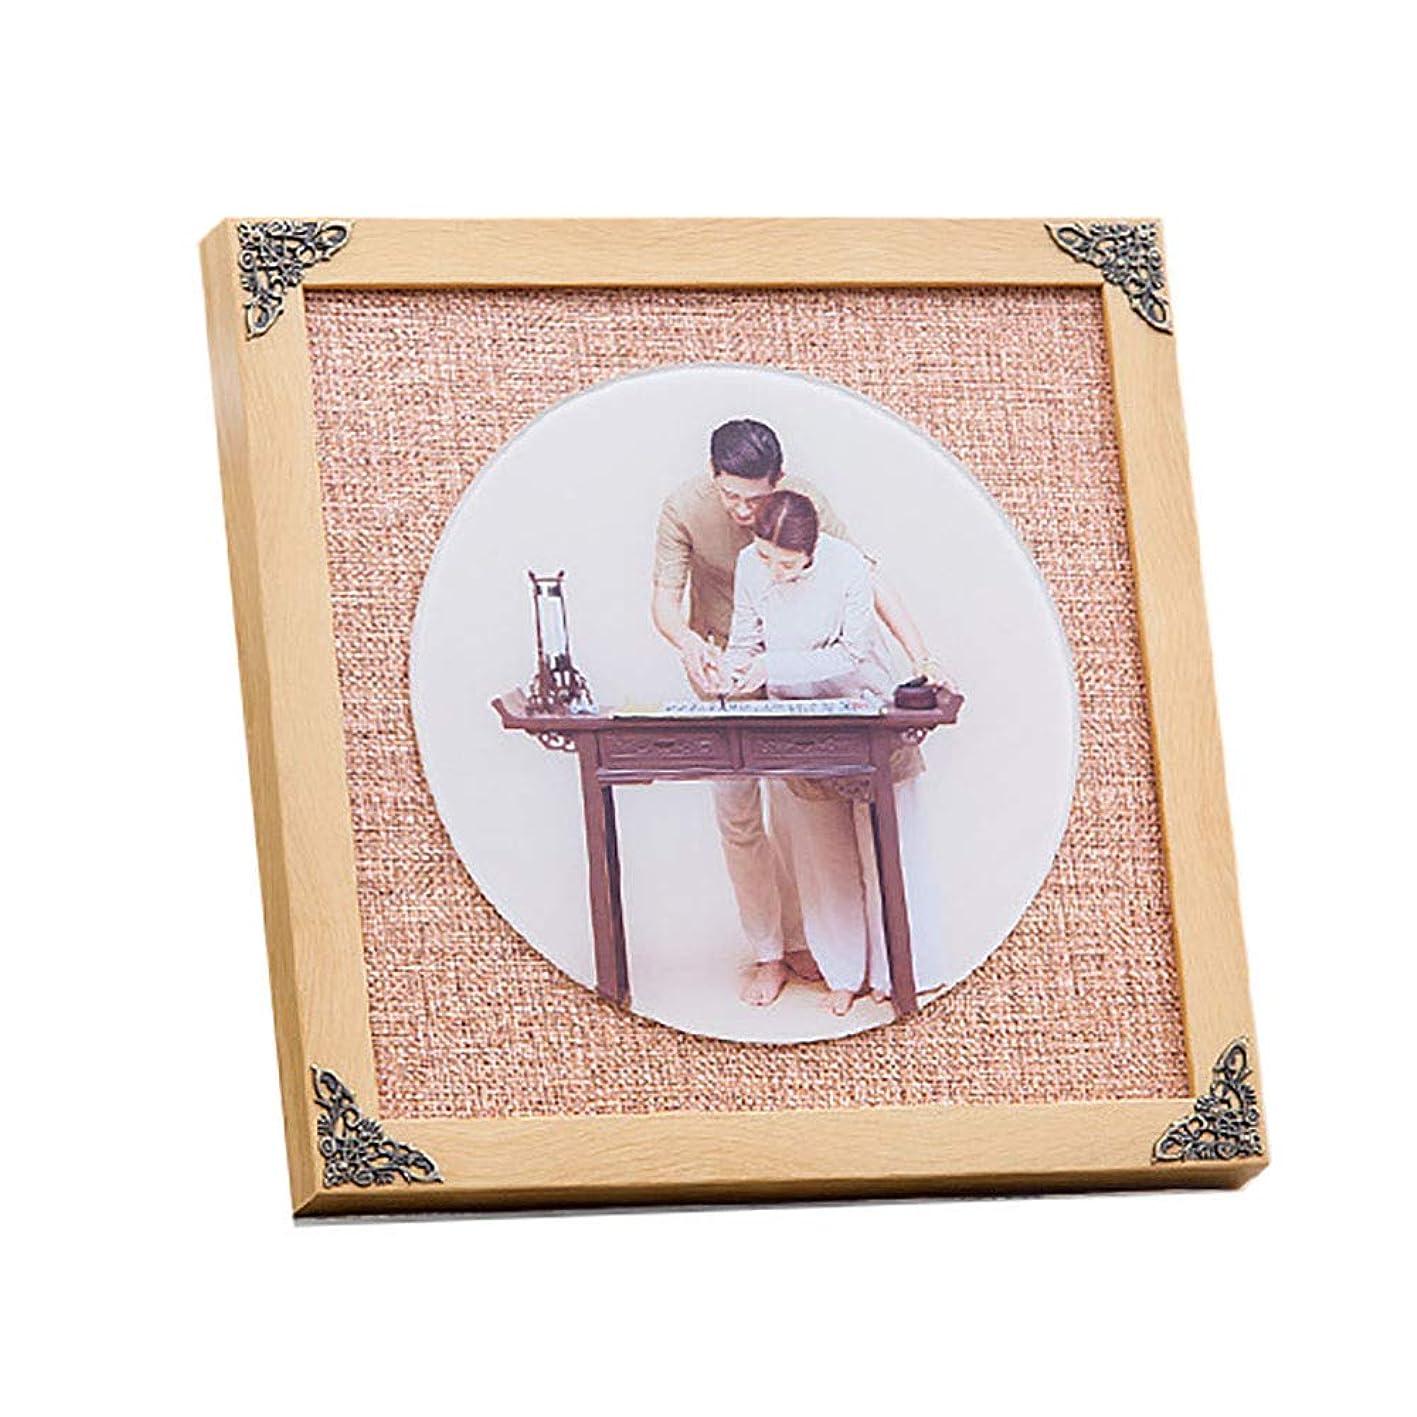 ラベンダー北極圏禁輸サイズ28 * 28cmの衣装のガラスセットテーブル女性の正方形のフォトフレーム壁に取り付けられた氷の結晶のテーブル振り子の正方形の写真フレーム